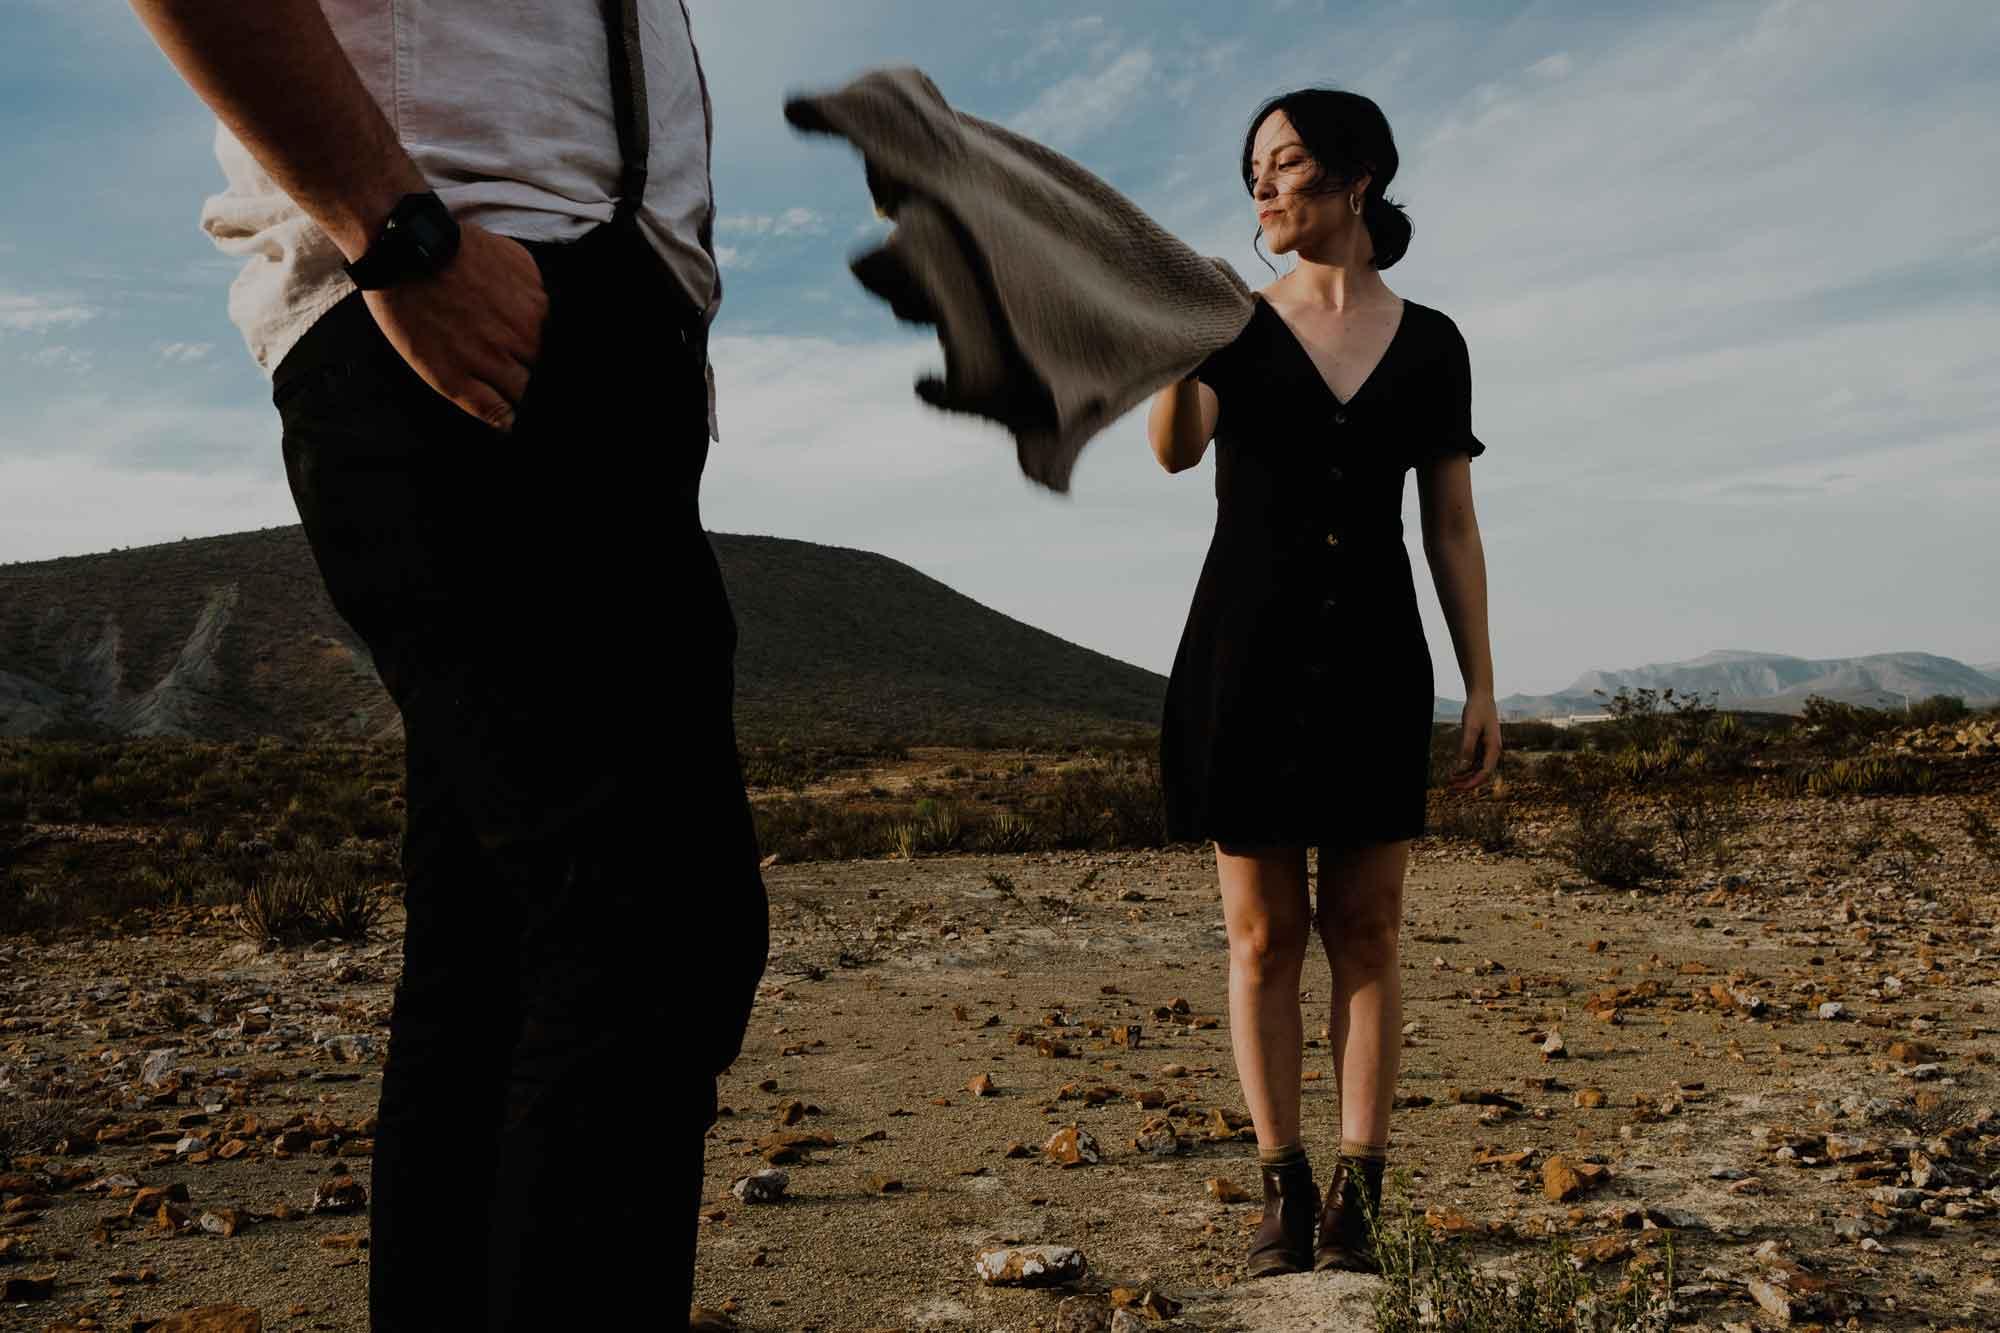 elena-barbosa--light-walkers-photografilm--workshops-cursos-de-fotografia-fotofest--saltillo-coahuila--mx7